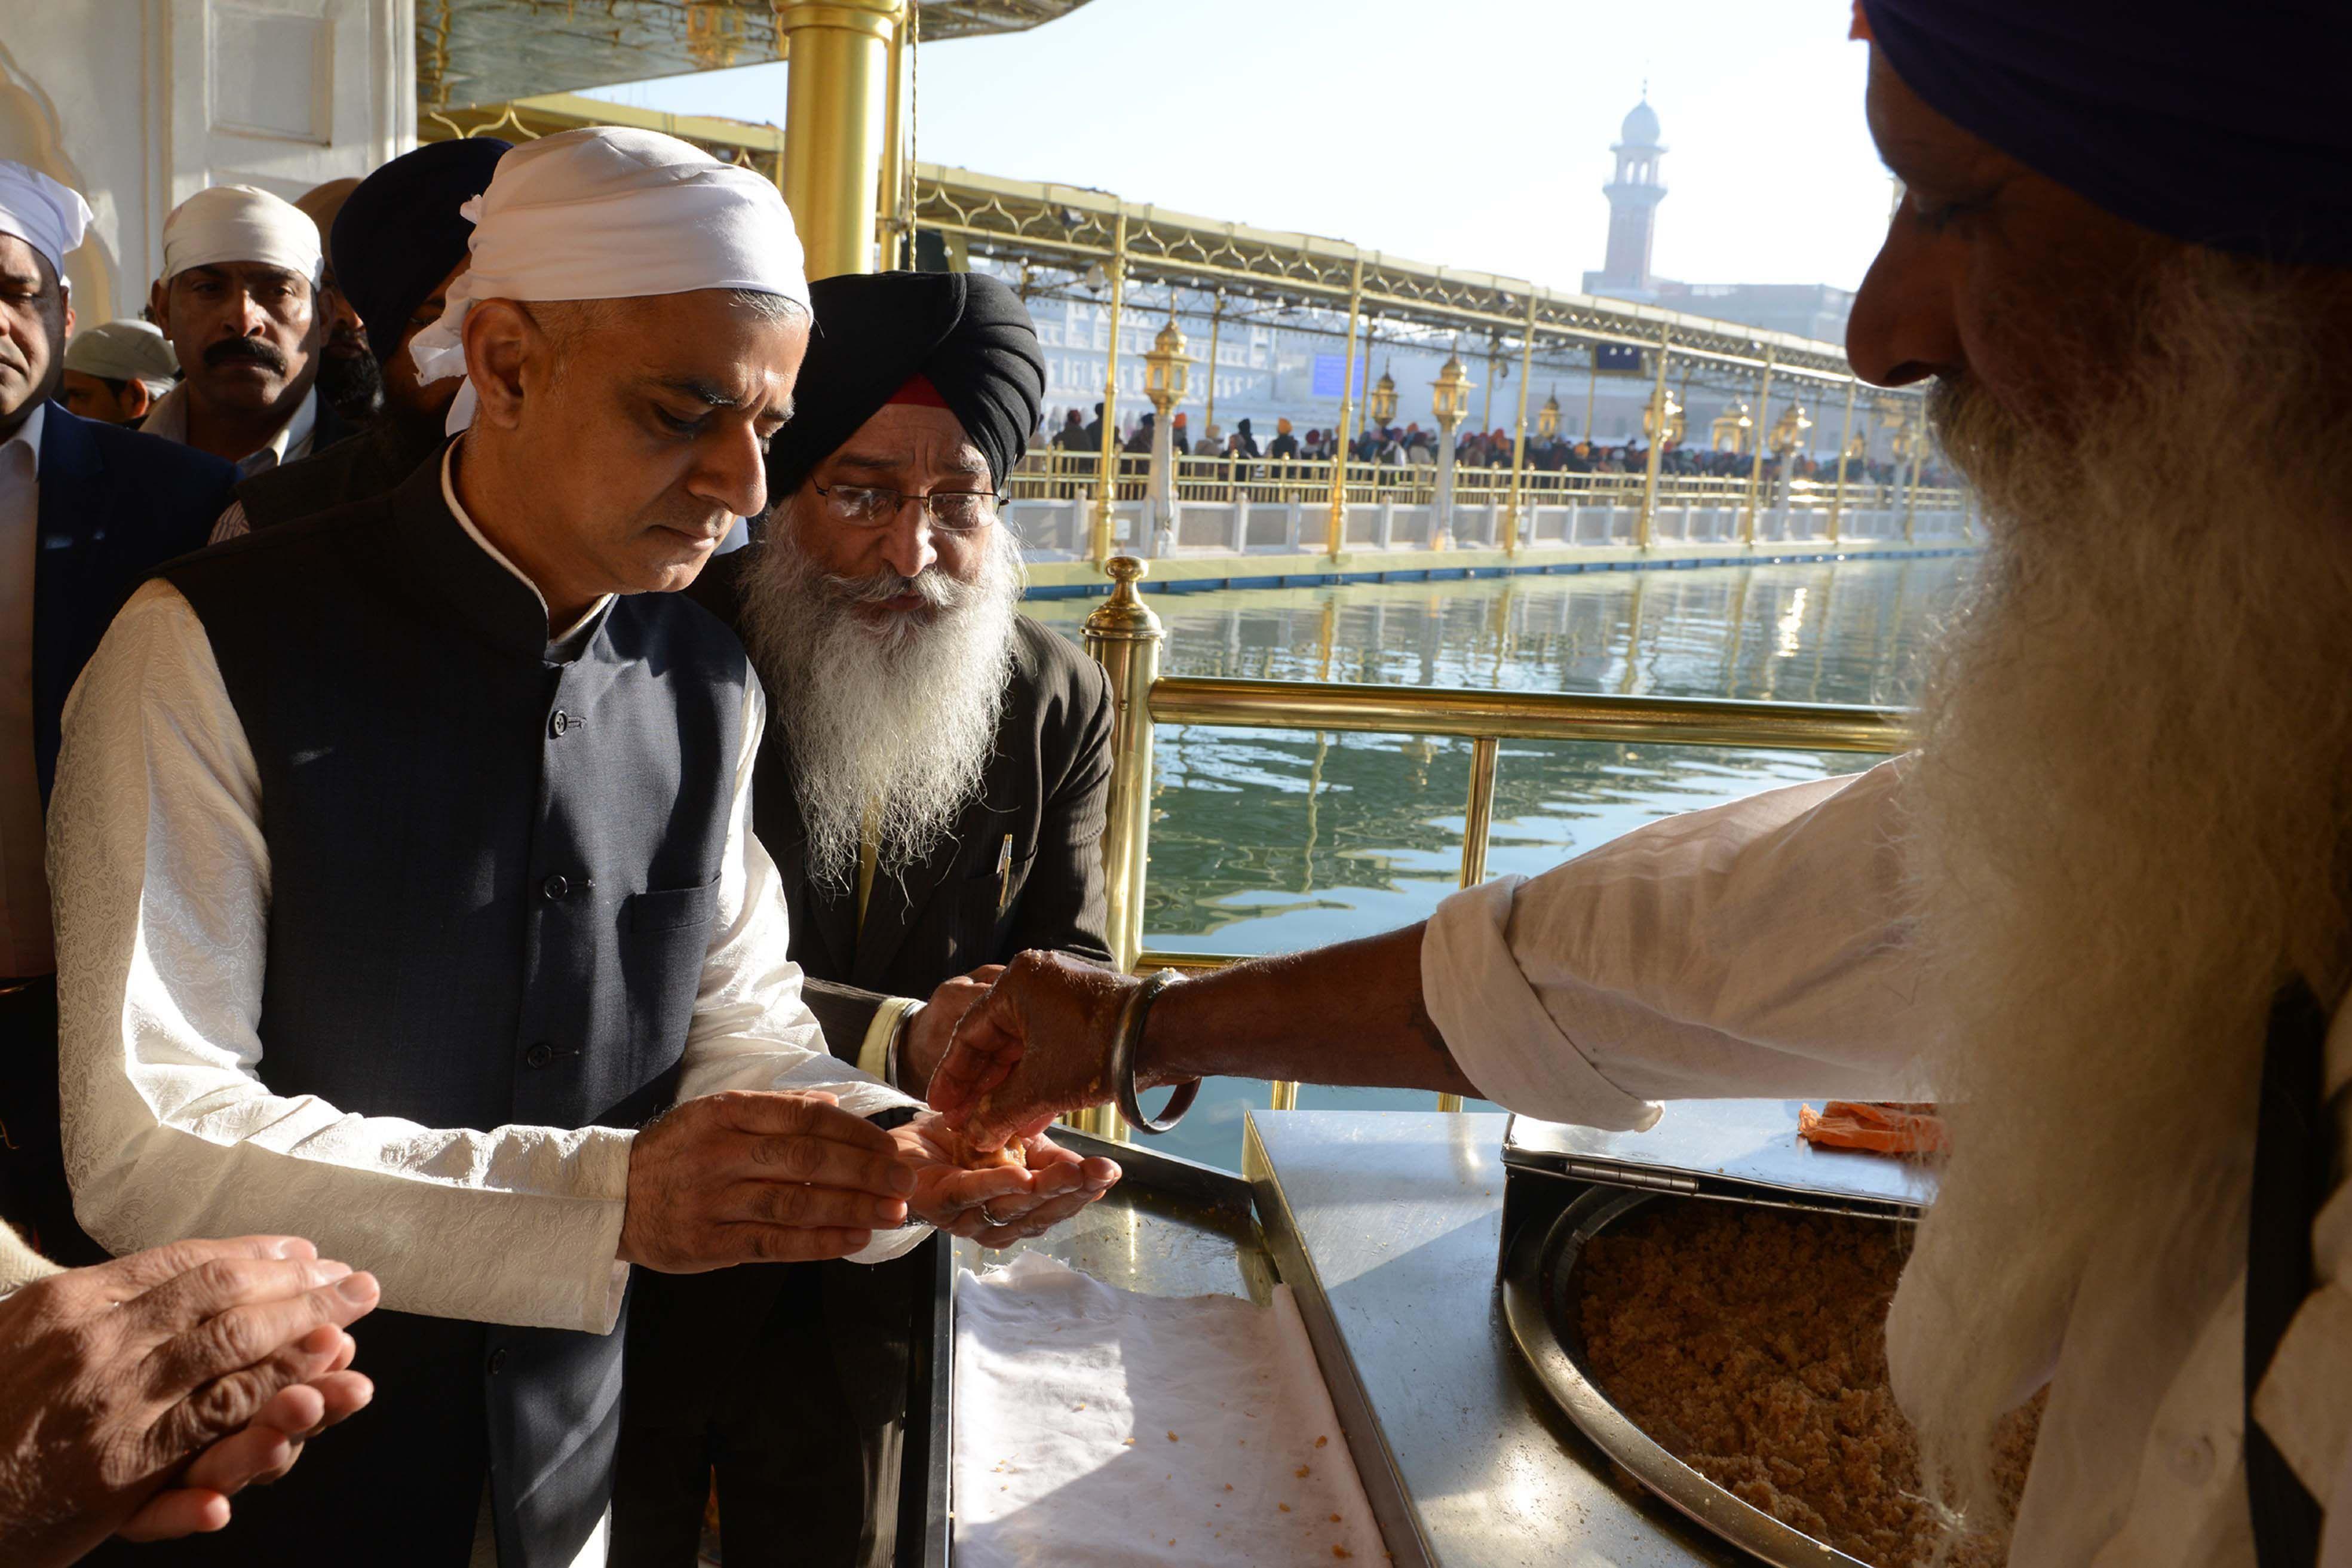 صادق خان عمدة لندن يأخذ الأكل فى المعبد الذهبى